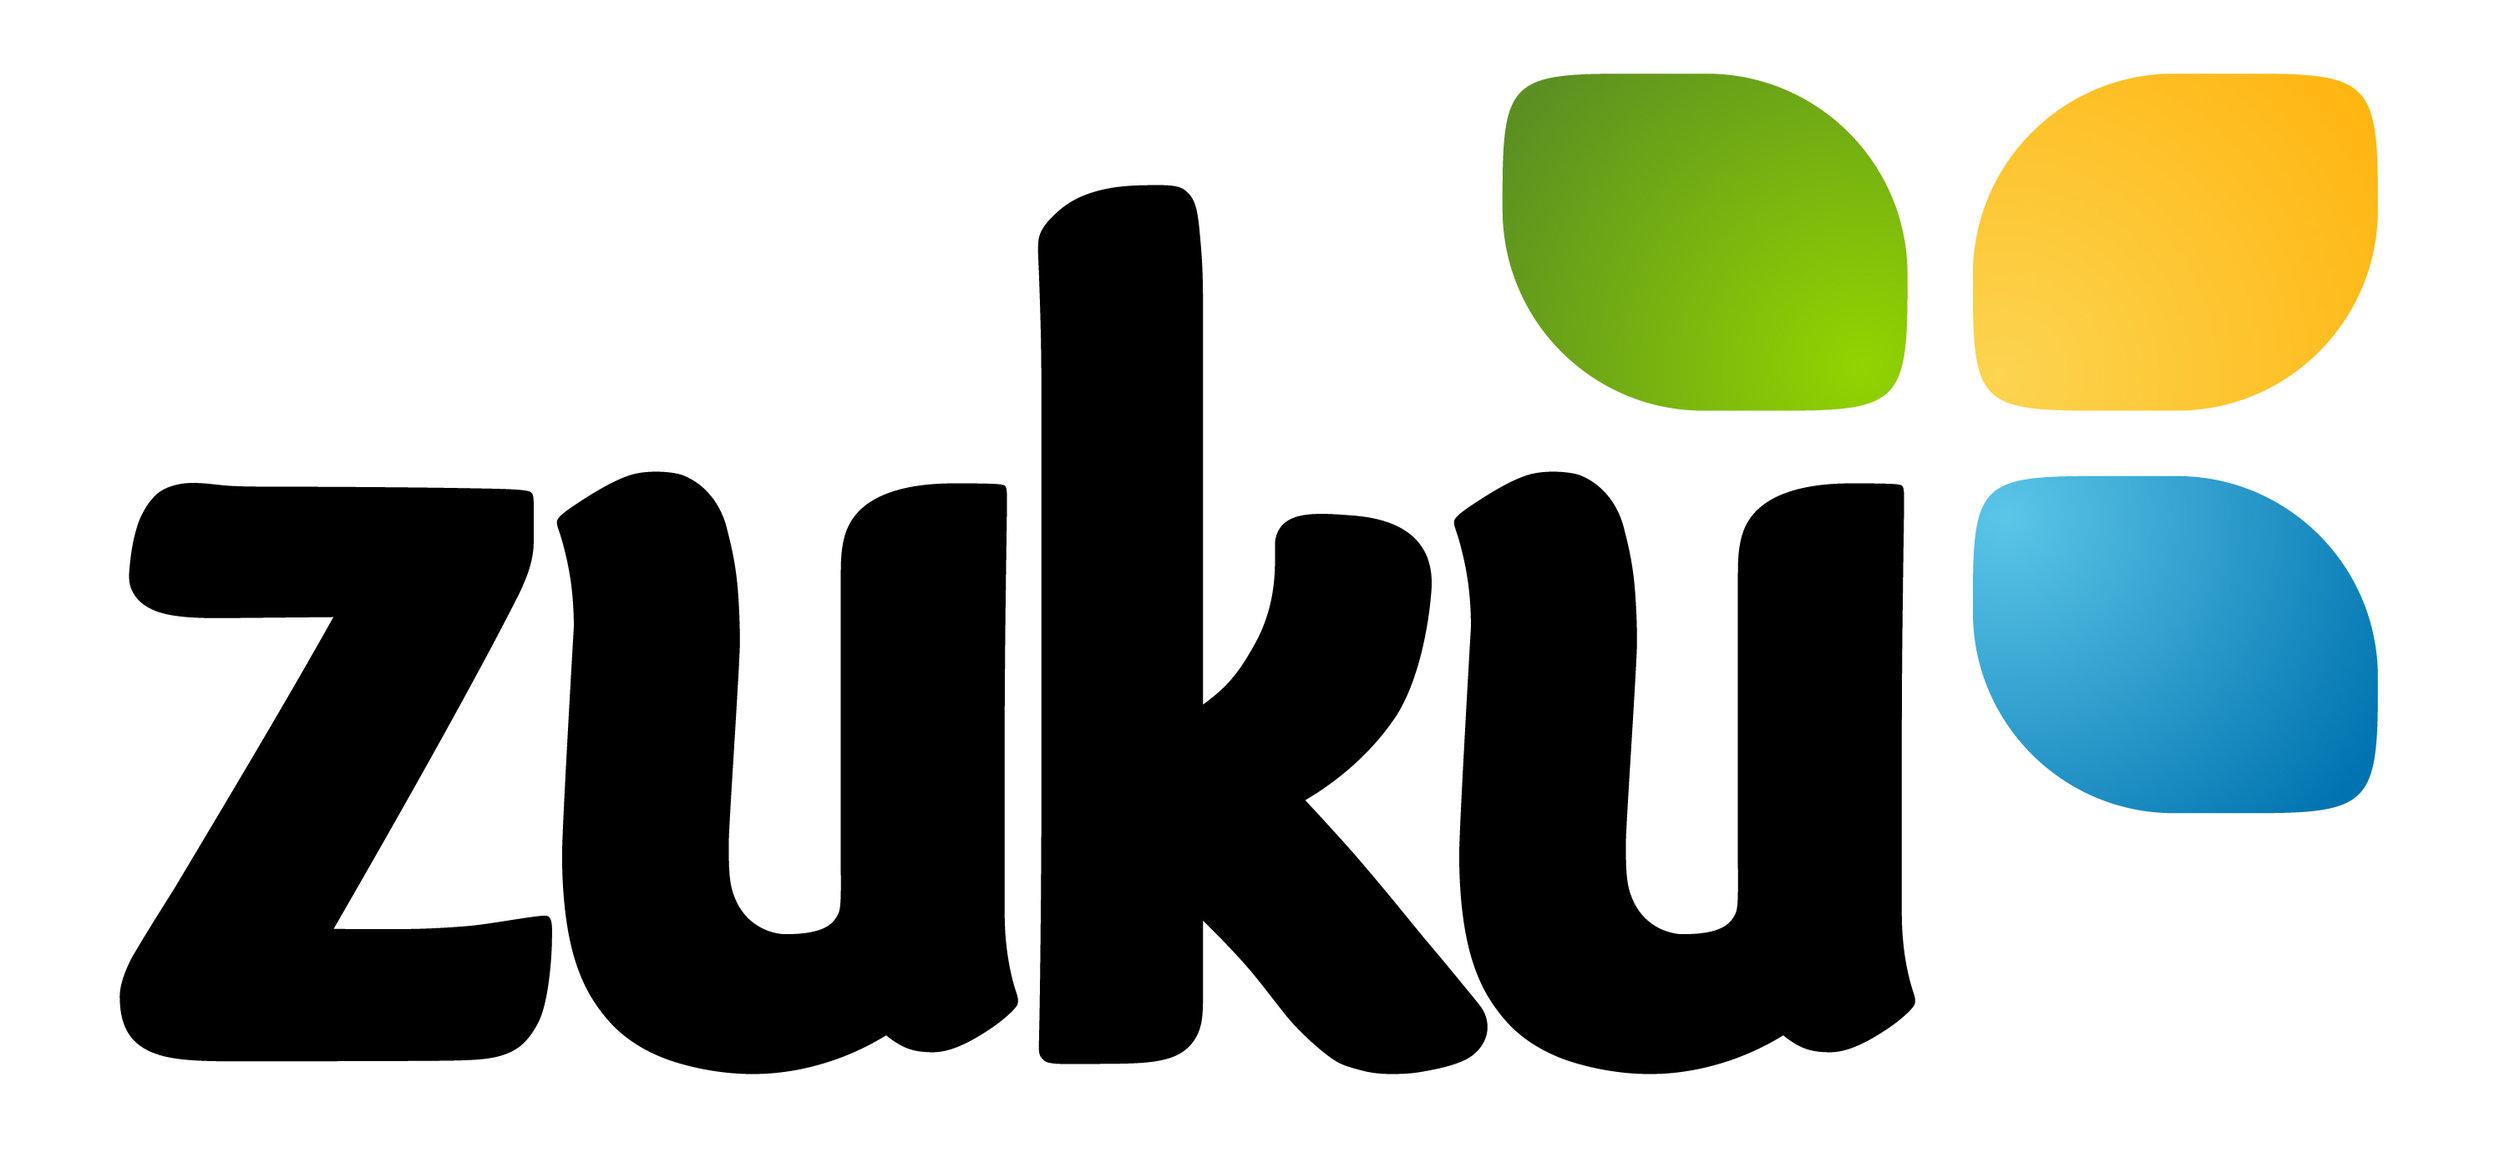 zuku_logo.jpg